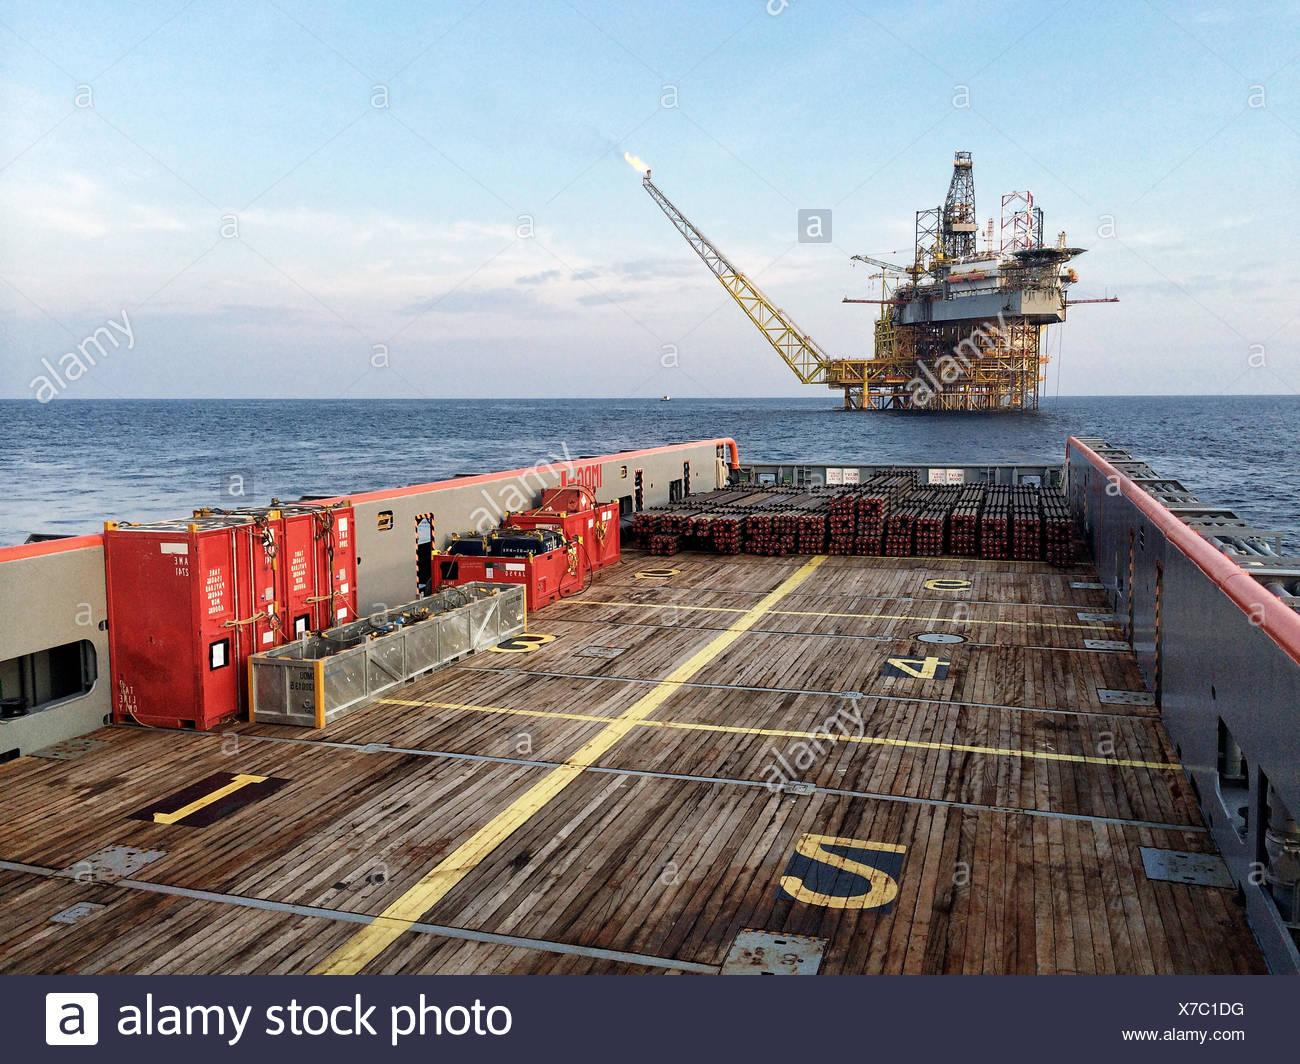 Güterbeförderung, Öl- und Gas-Plattform von Offshore-Schiff Stockbild